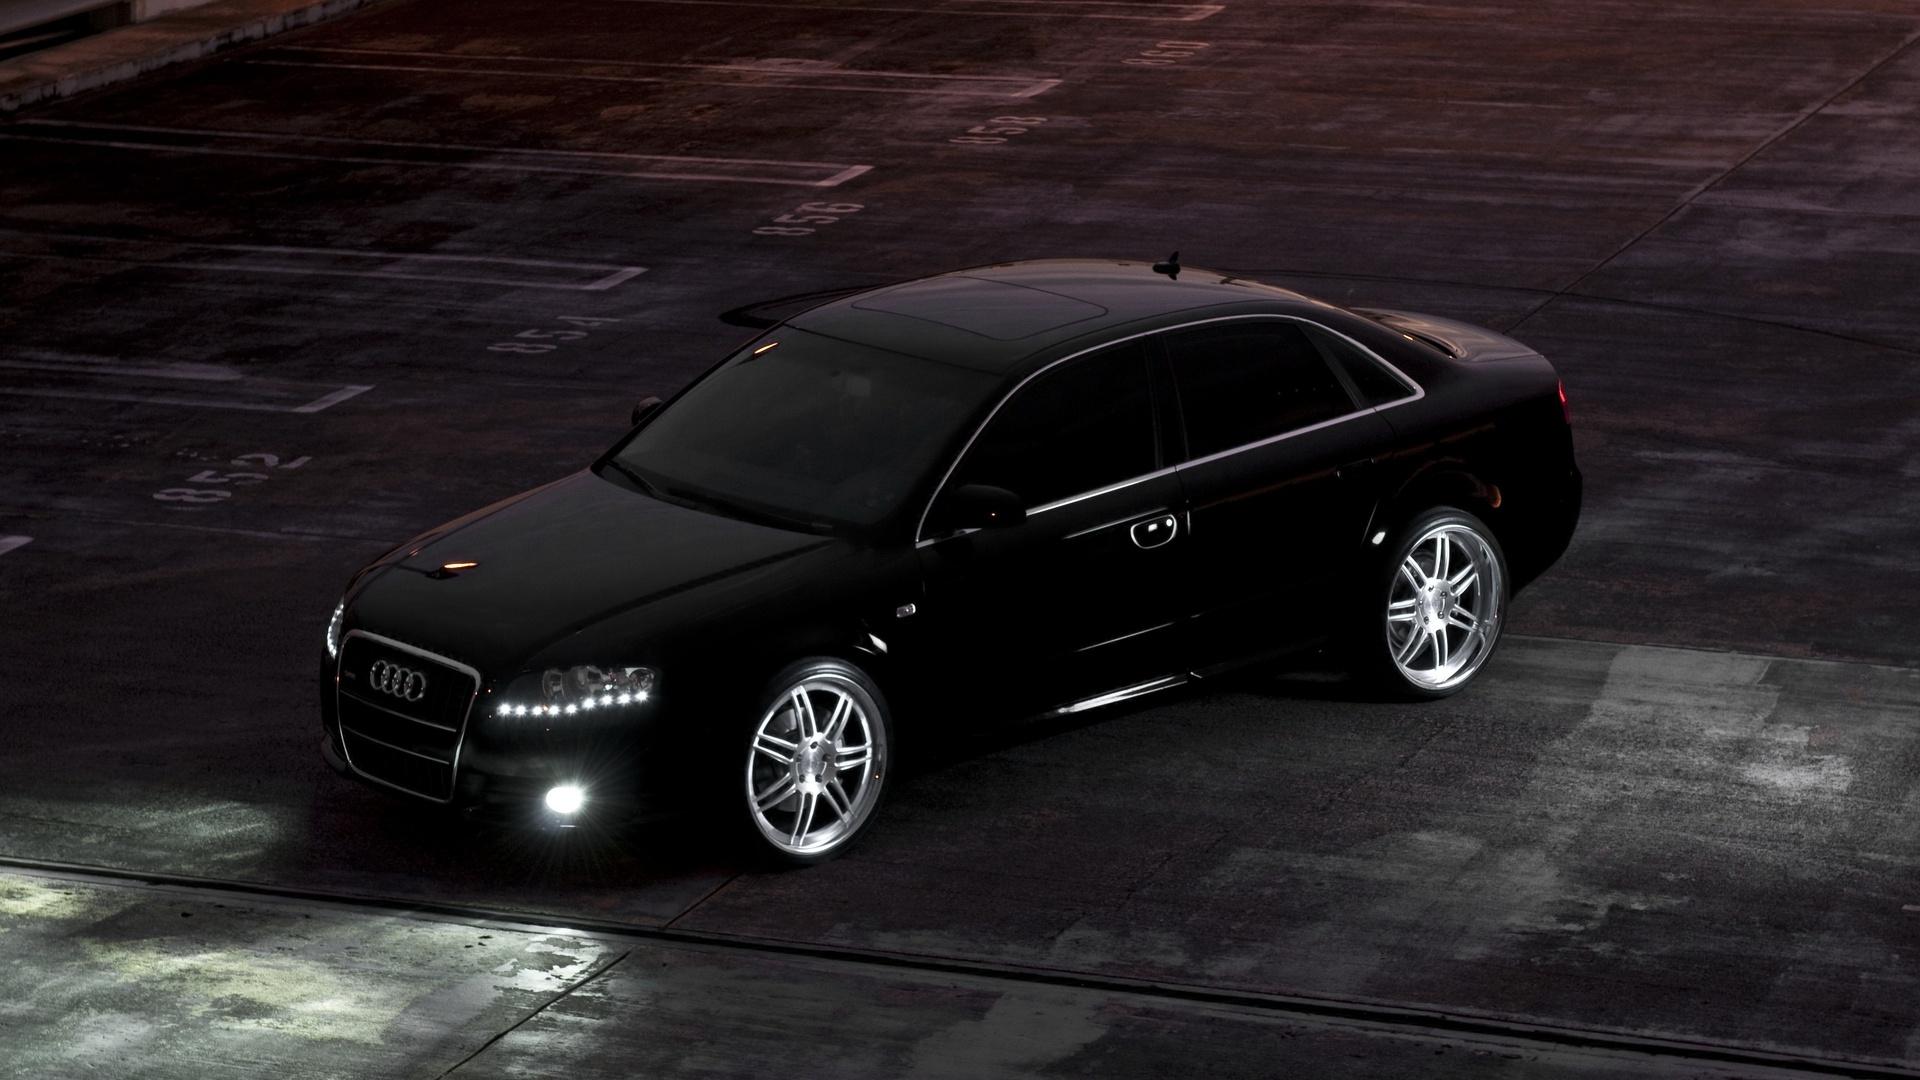 black audi car wallpaper 66771